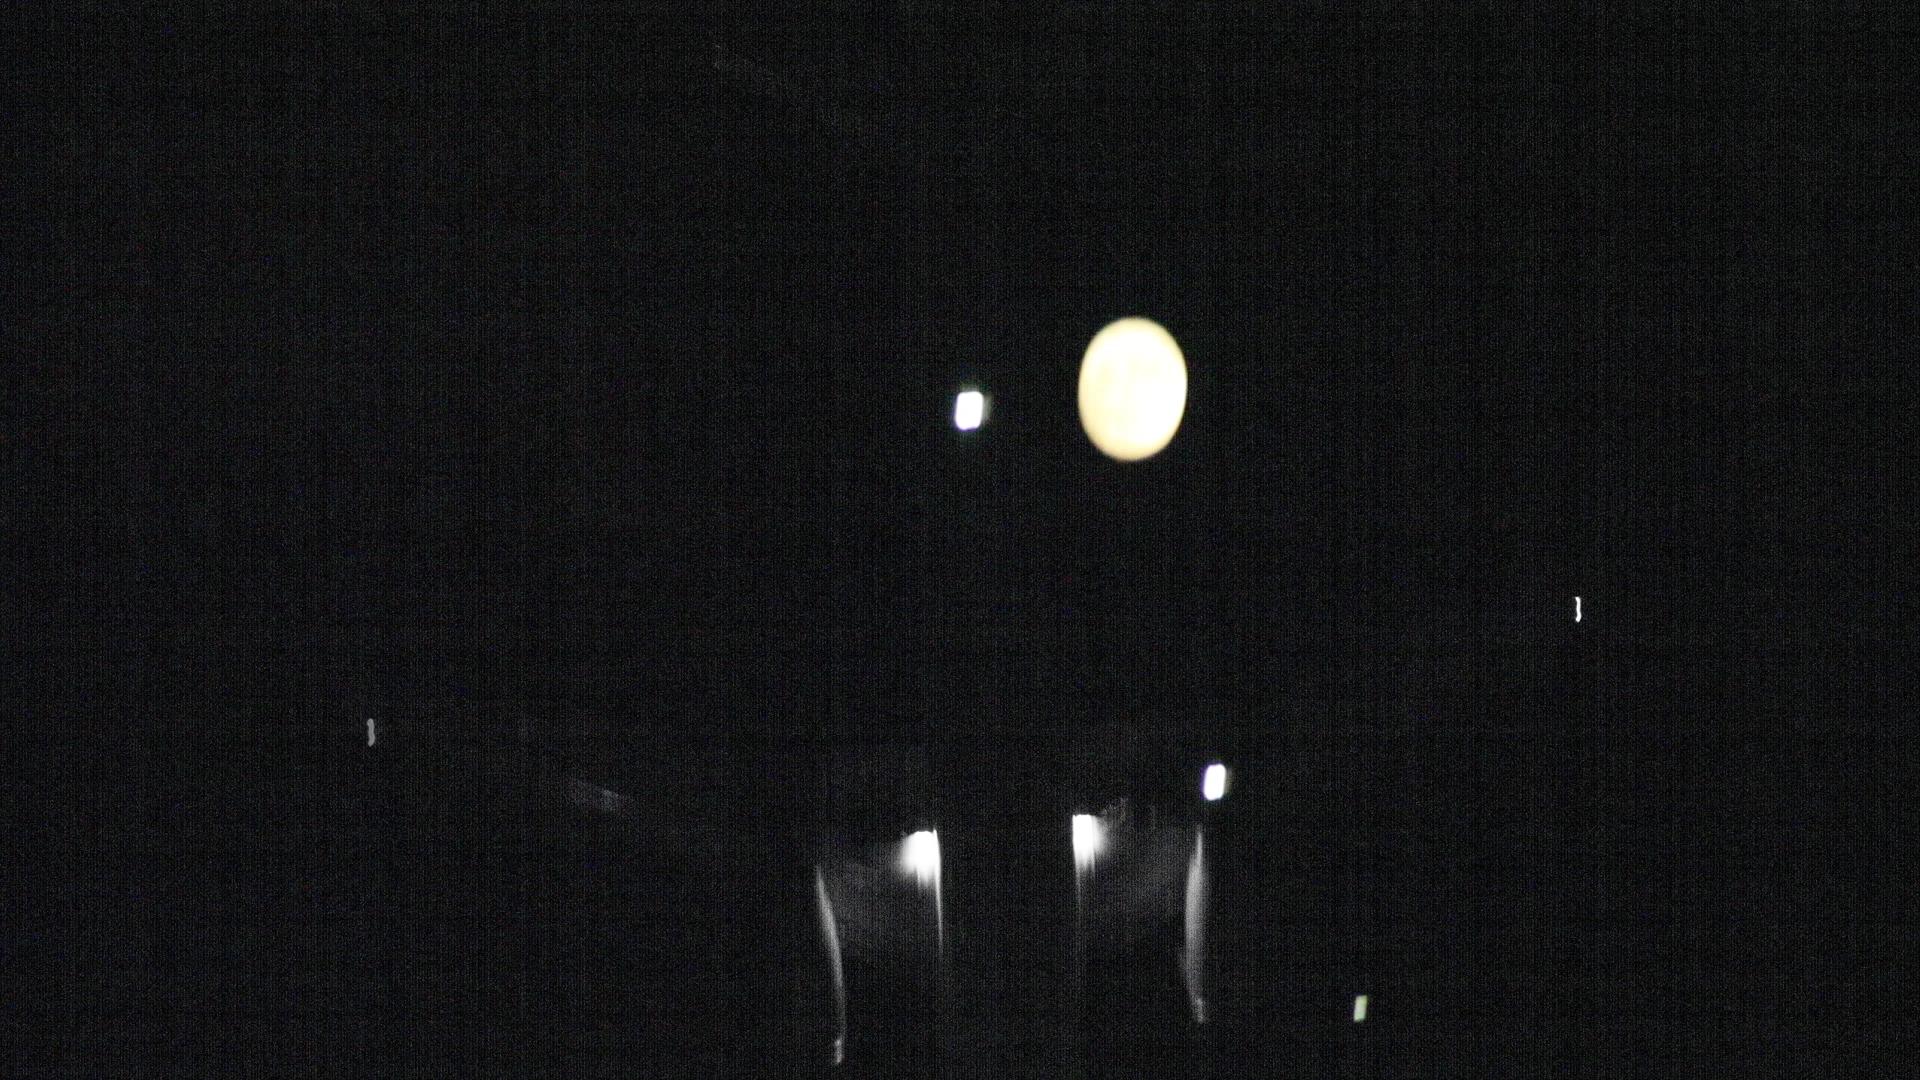 5. Worm Moon Idyll